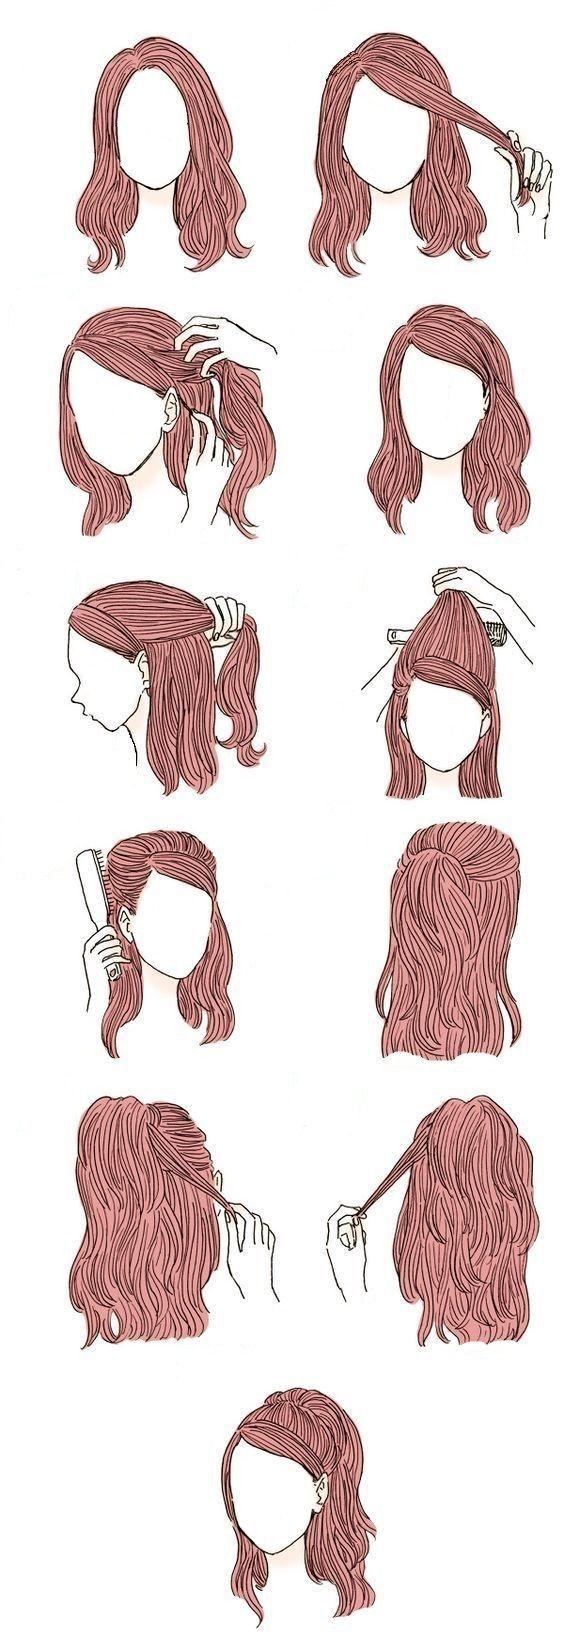 Frisur für die Schule #hairtutorials